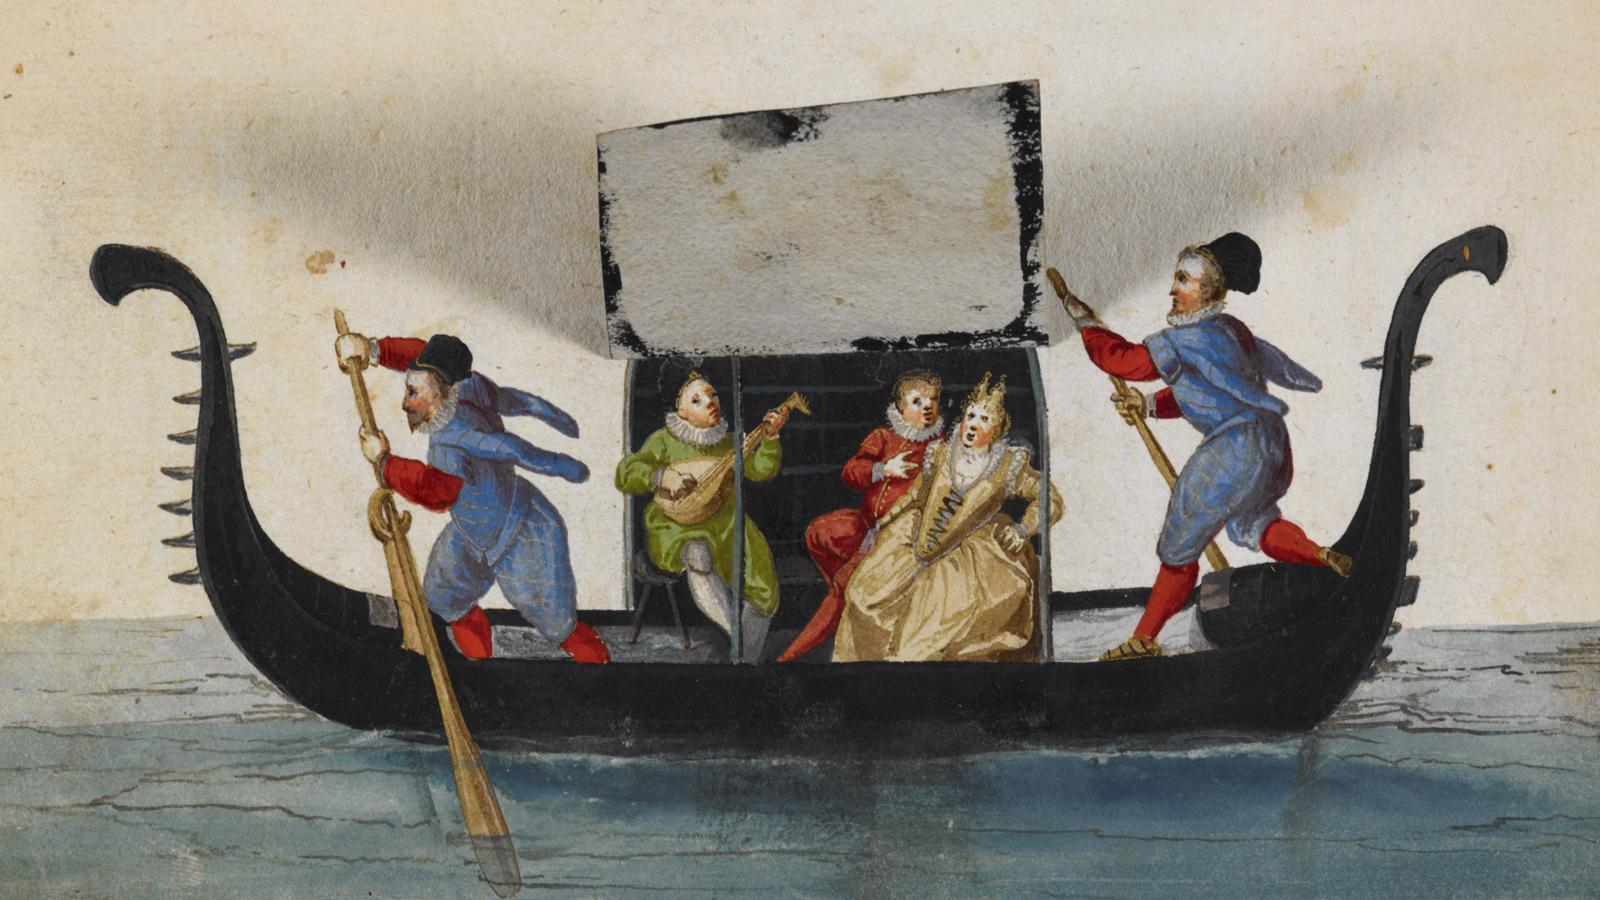 Shakespeare's Italian journeys